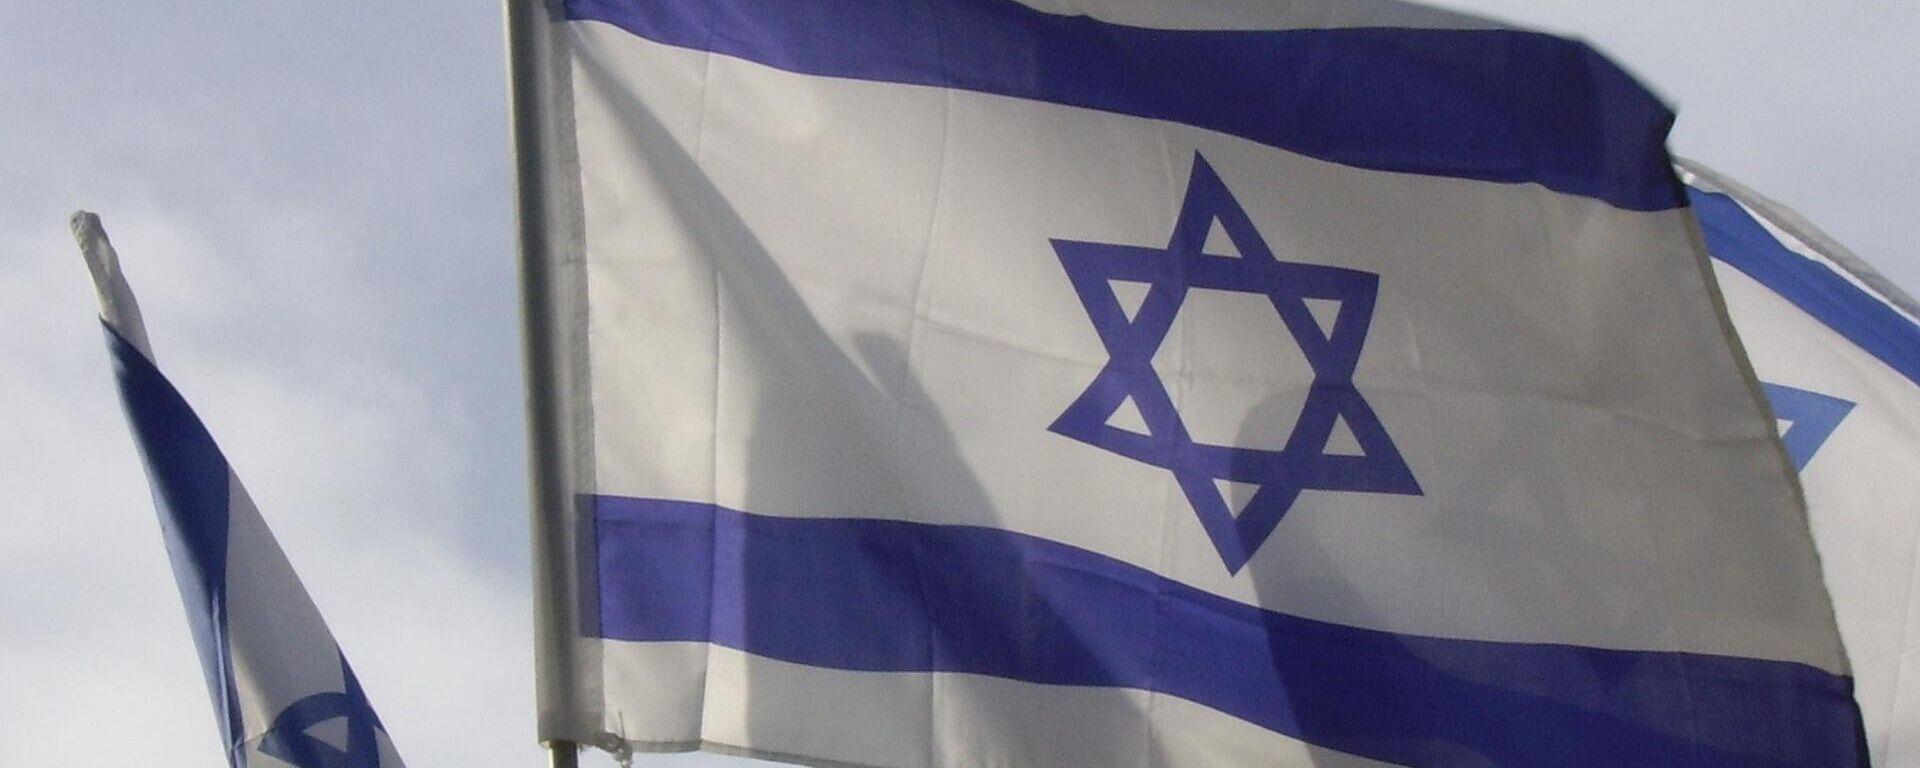 Bandera de Israel - Sputnik Mundo, 1920, 13.07.2021